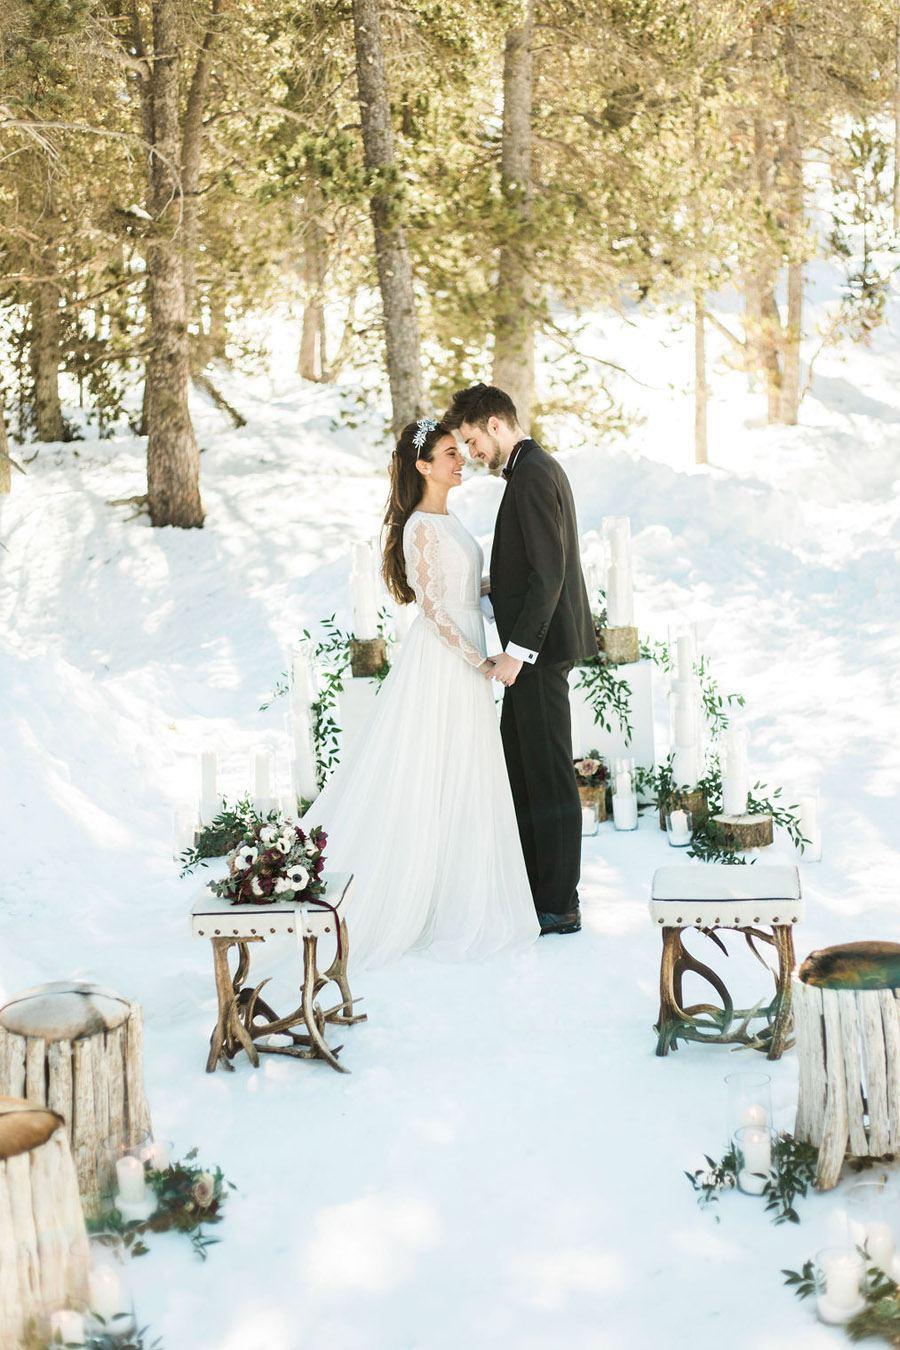 UNA ROMÁNTICA BODA DE INVIERNO grandvalira-boda-invierno